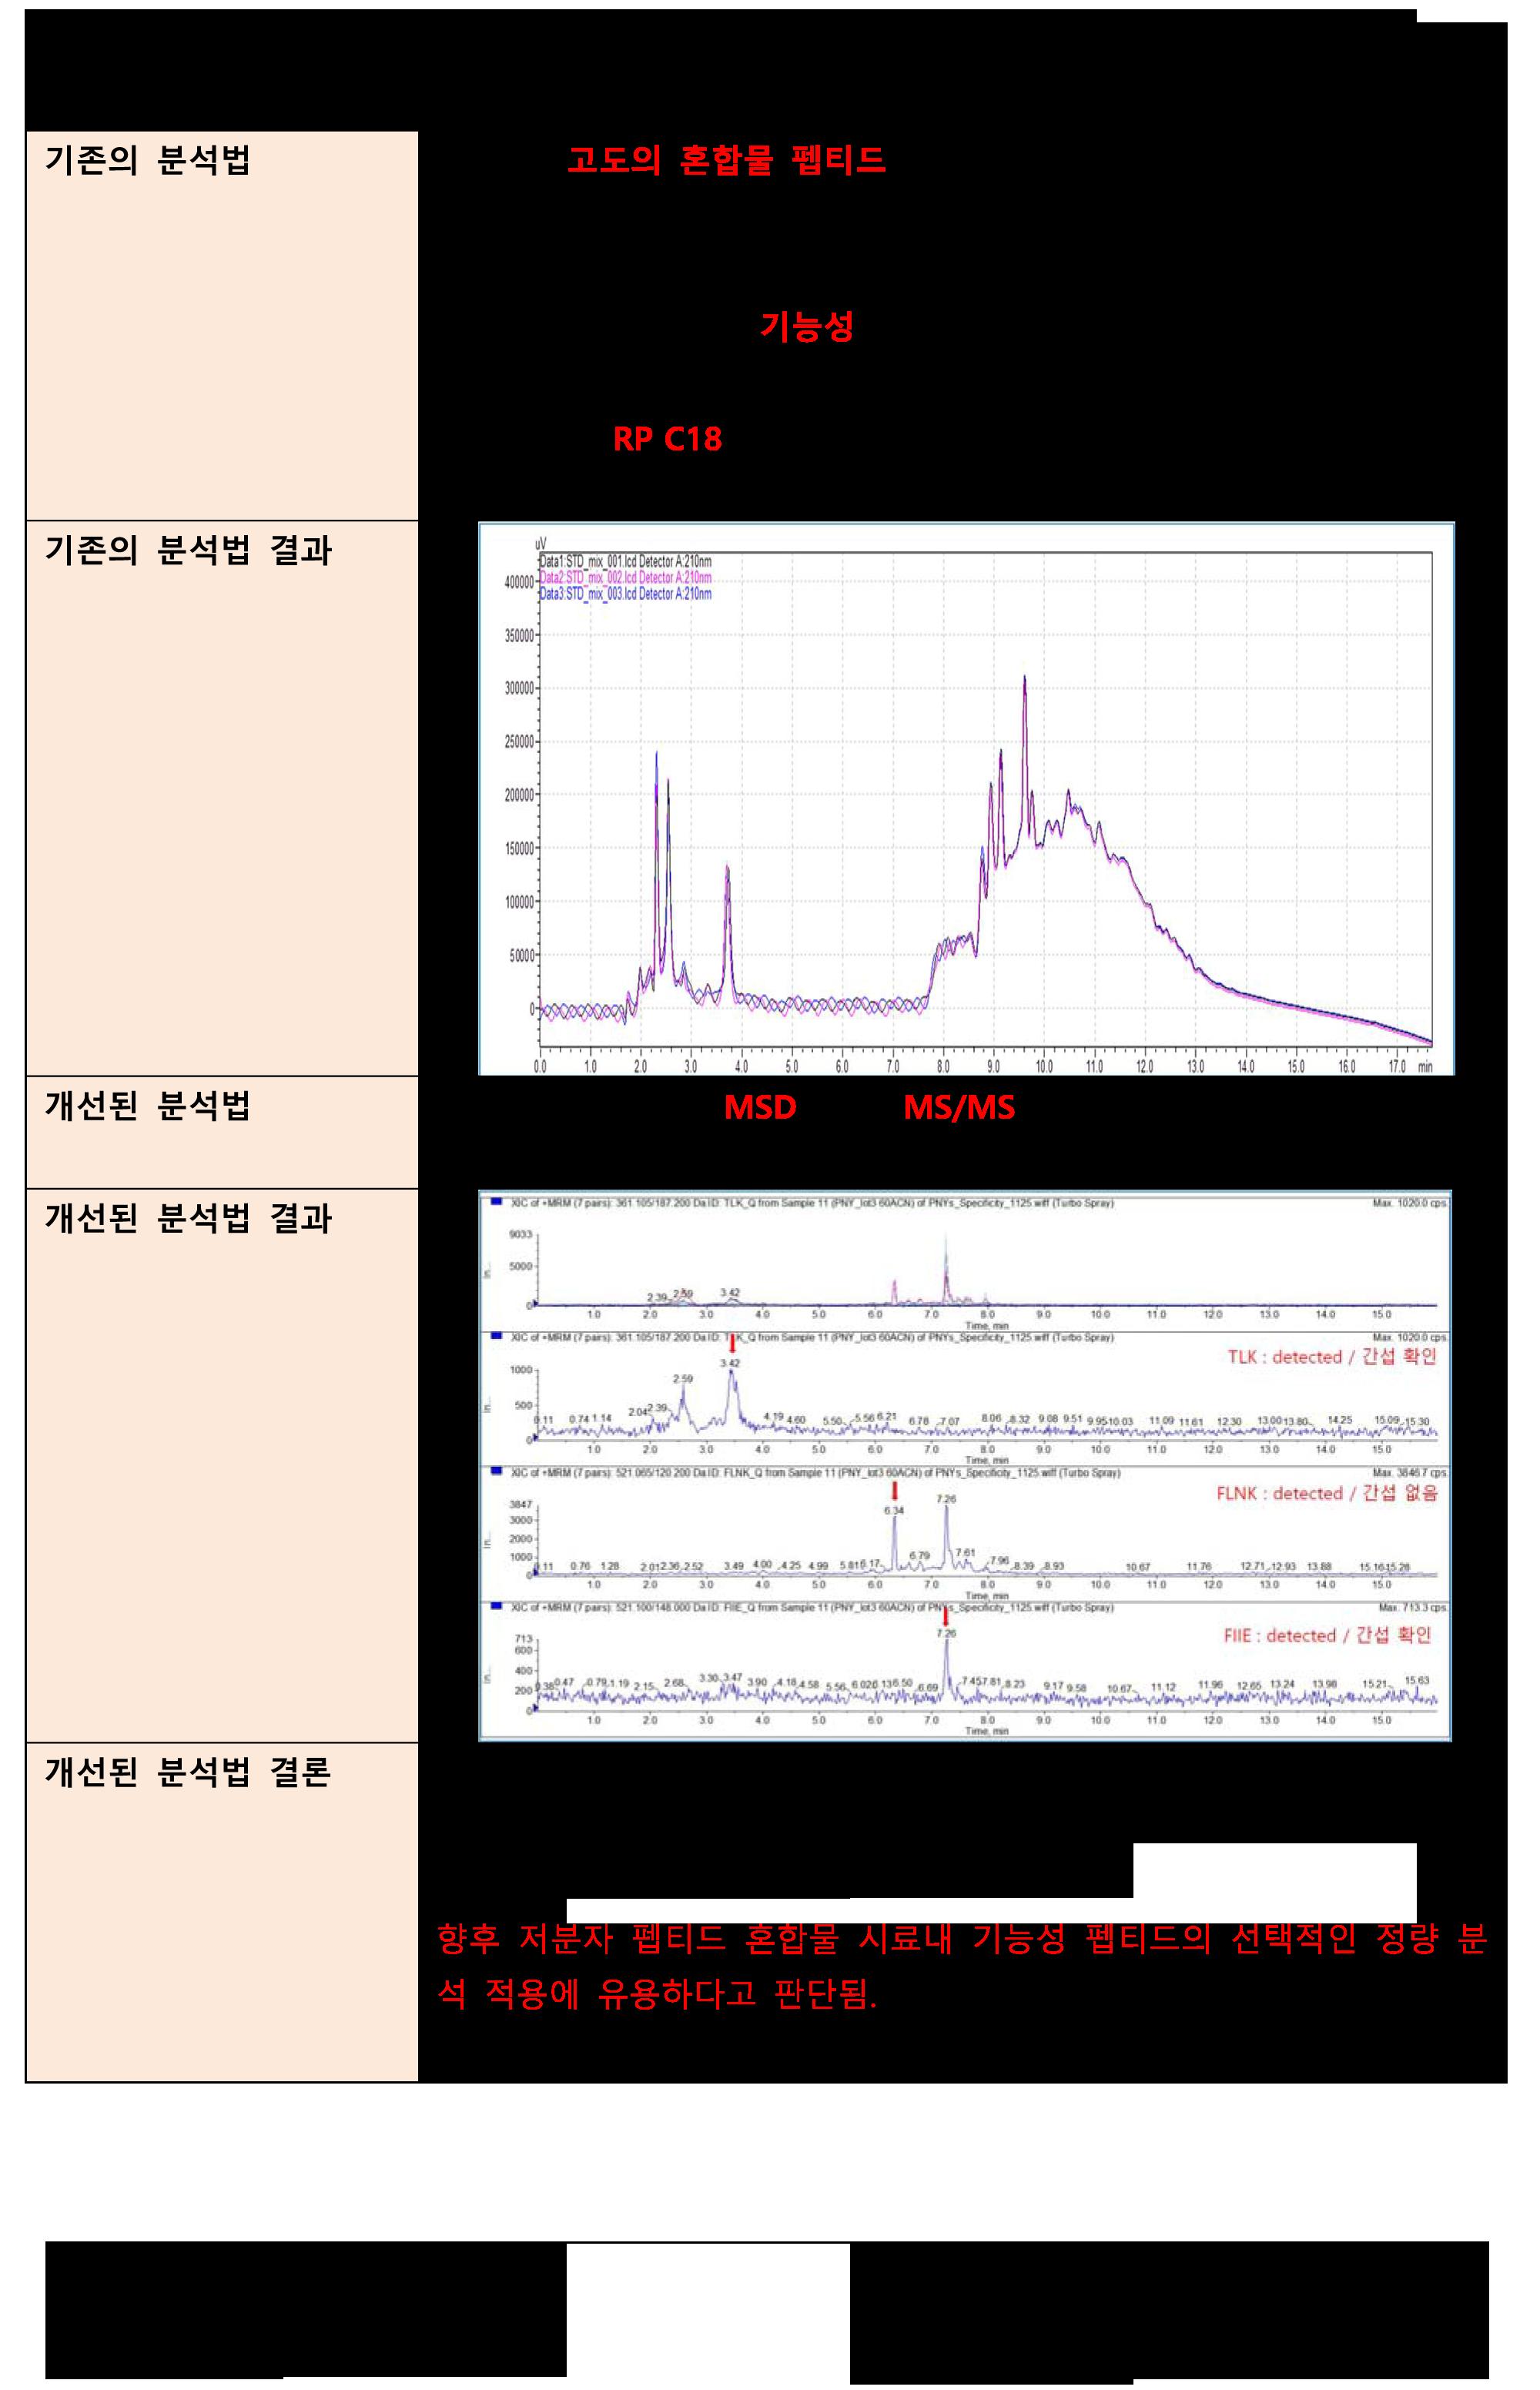 190610_천연물 분석법 개선 case기존의 분석법.png